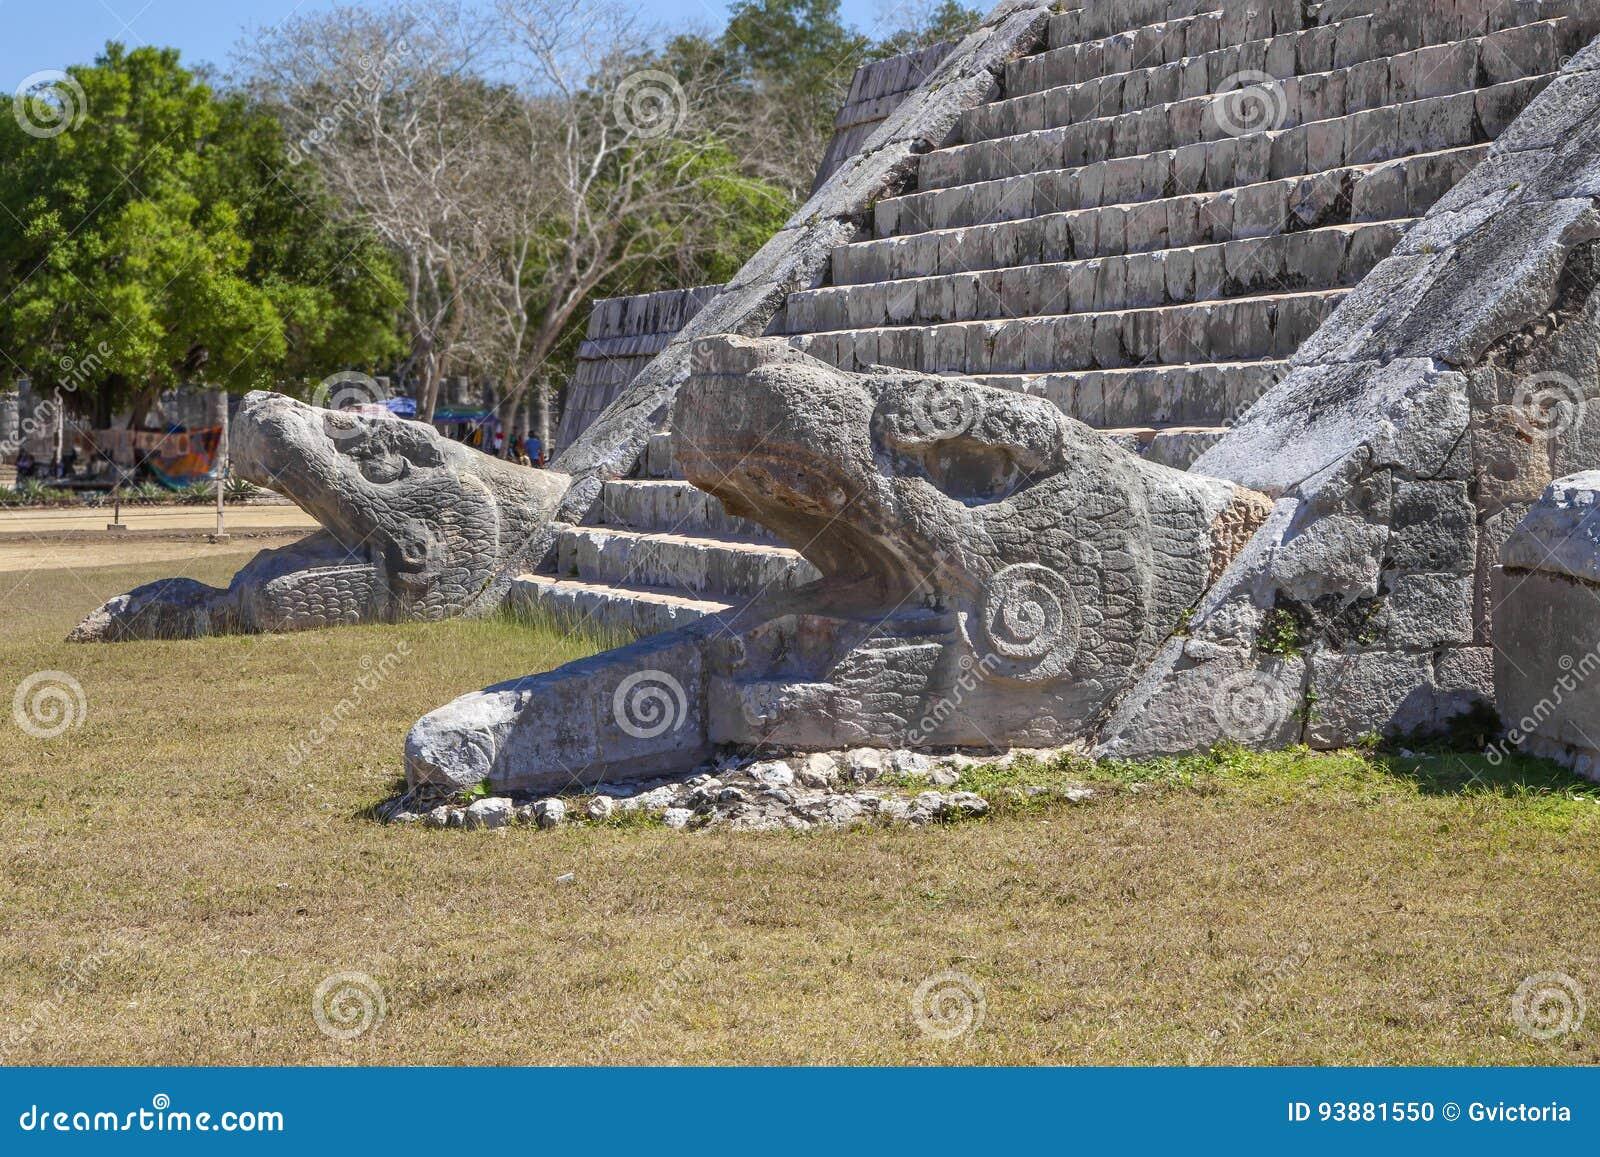 Piramide Kukulcan in Chichen Itza, Yucatan, Mexico